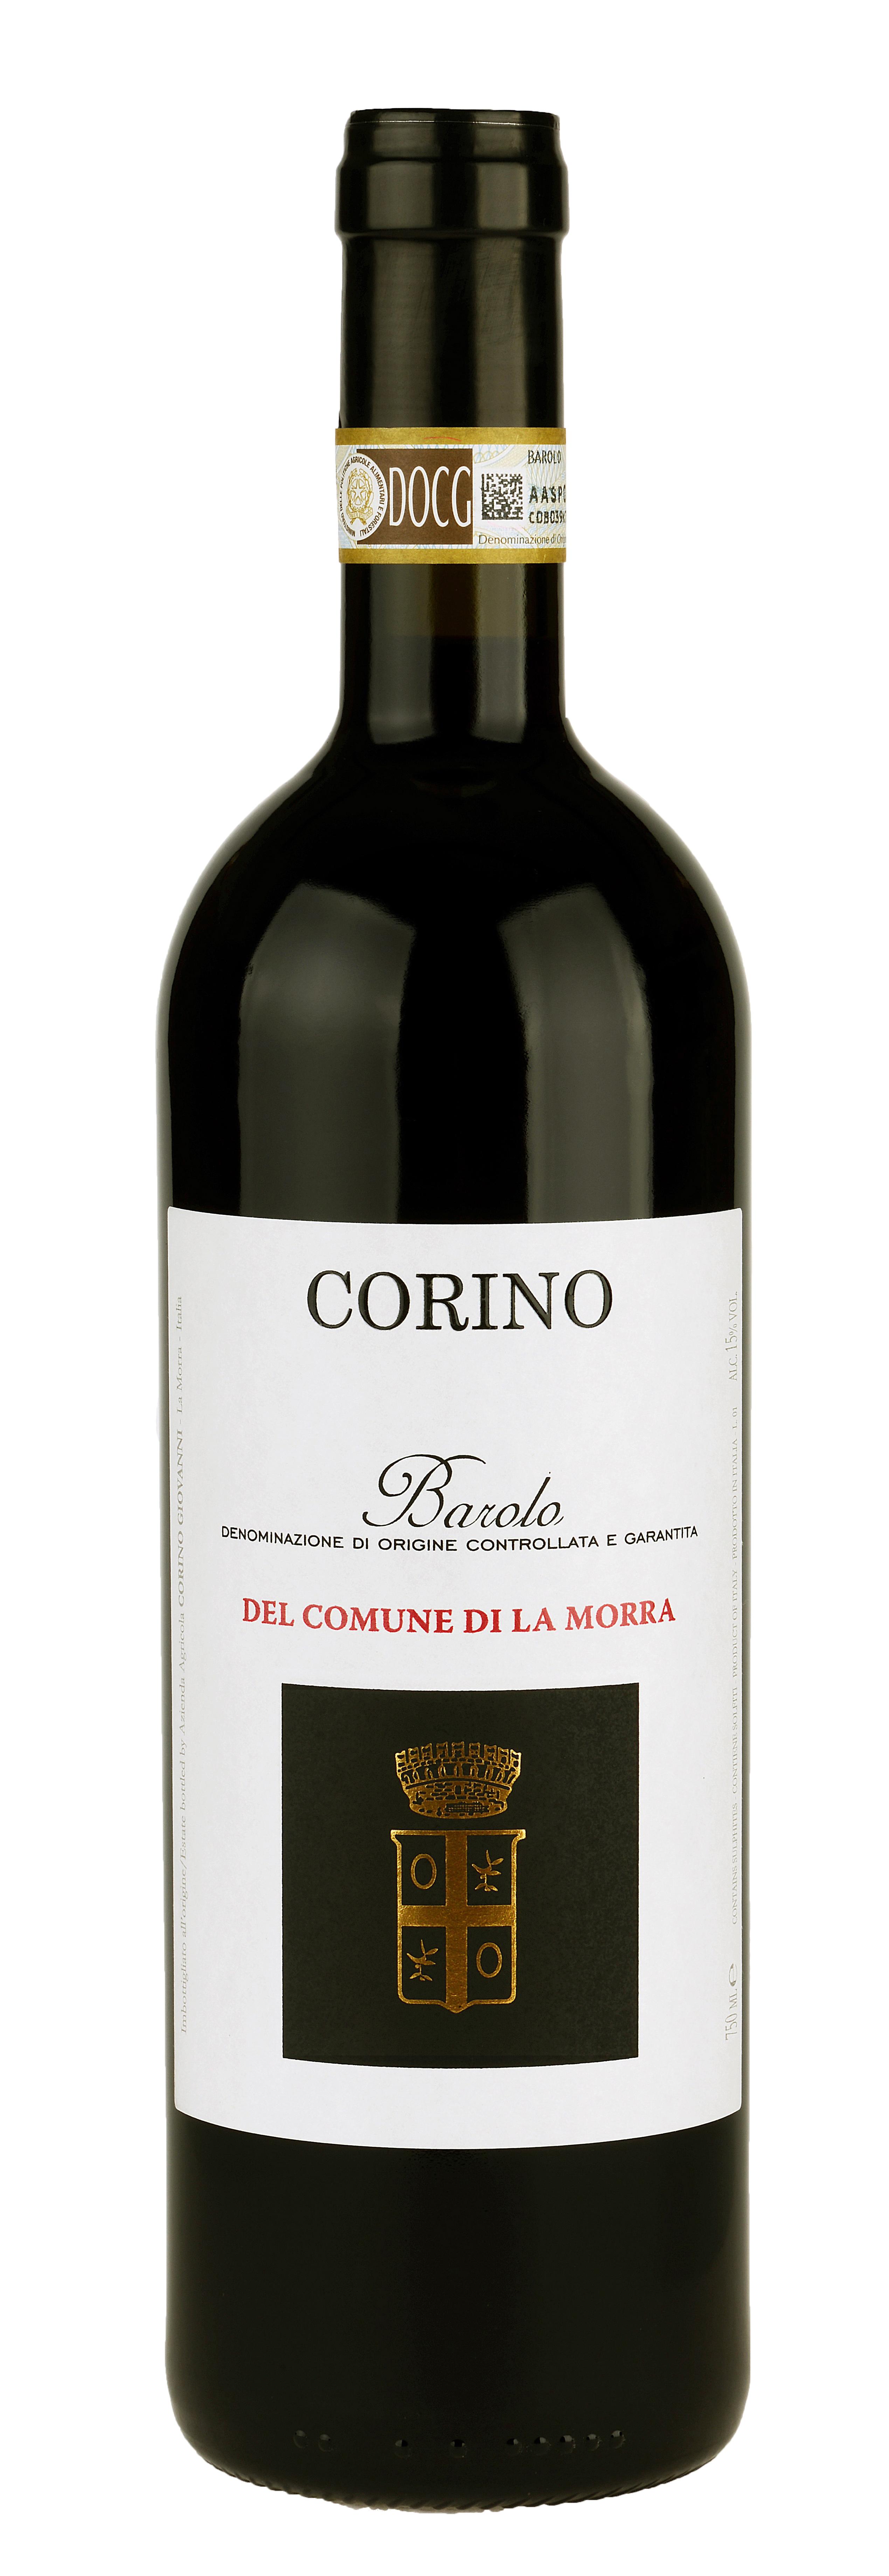 Corino Giovanni di Corino Giuliano, Barolo La Morra 2014